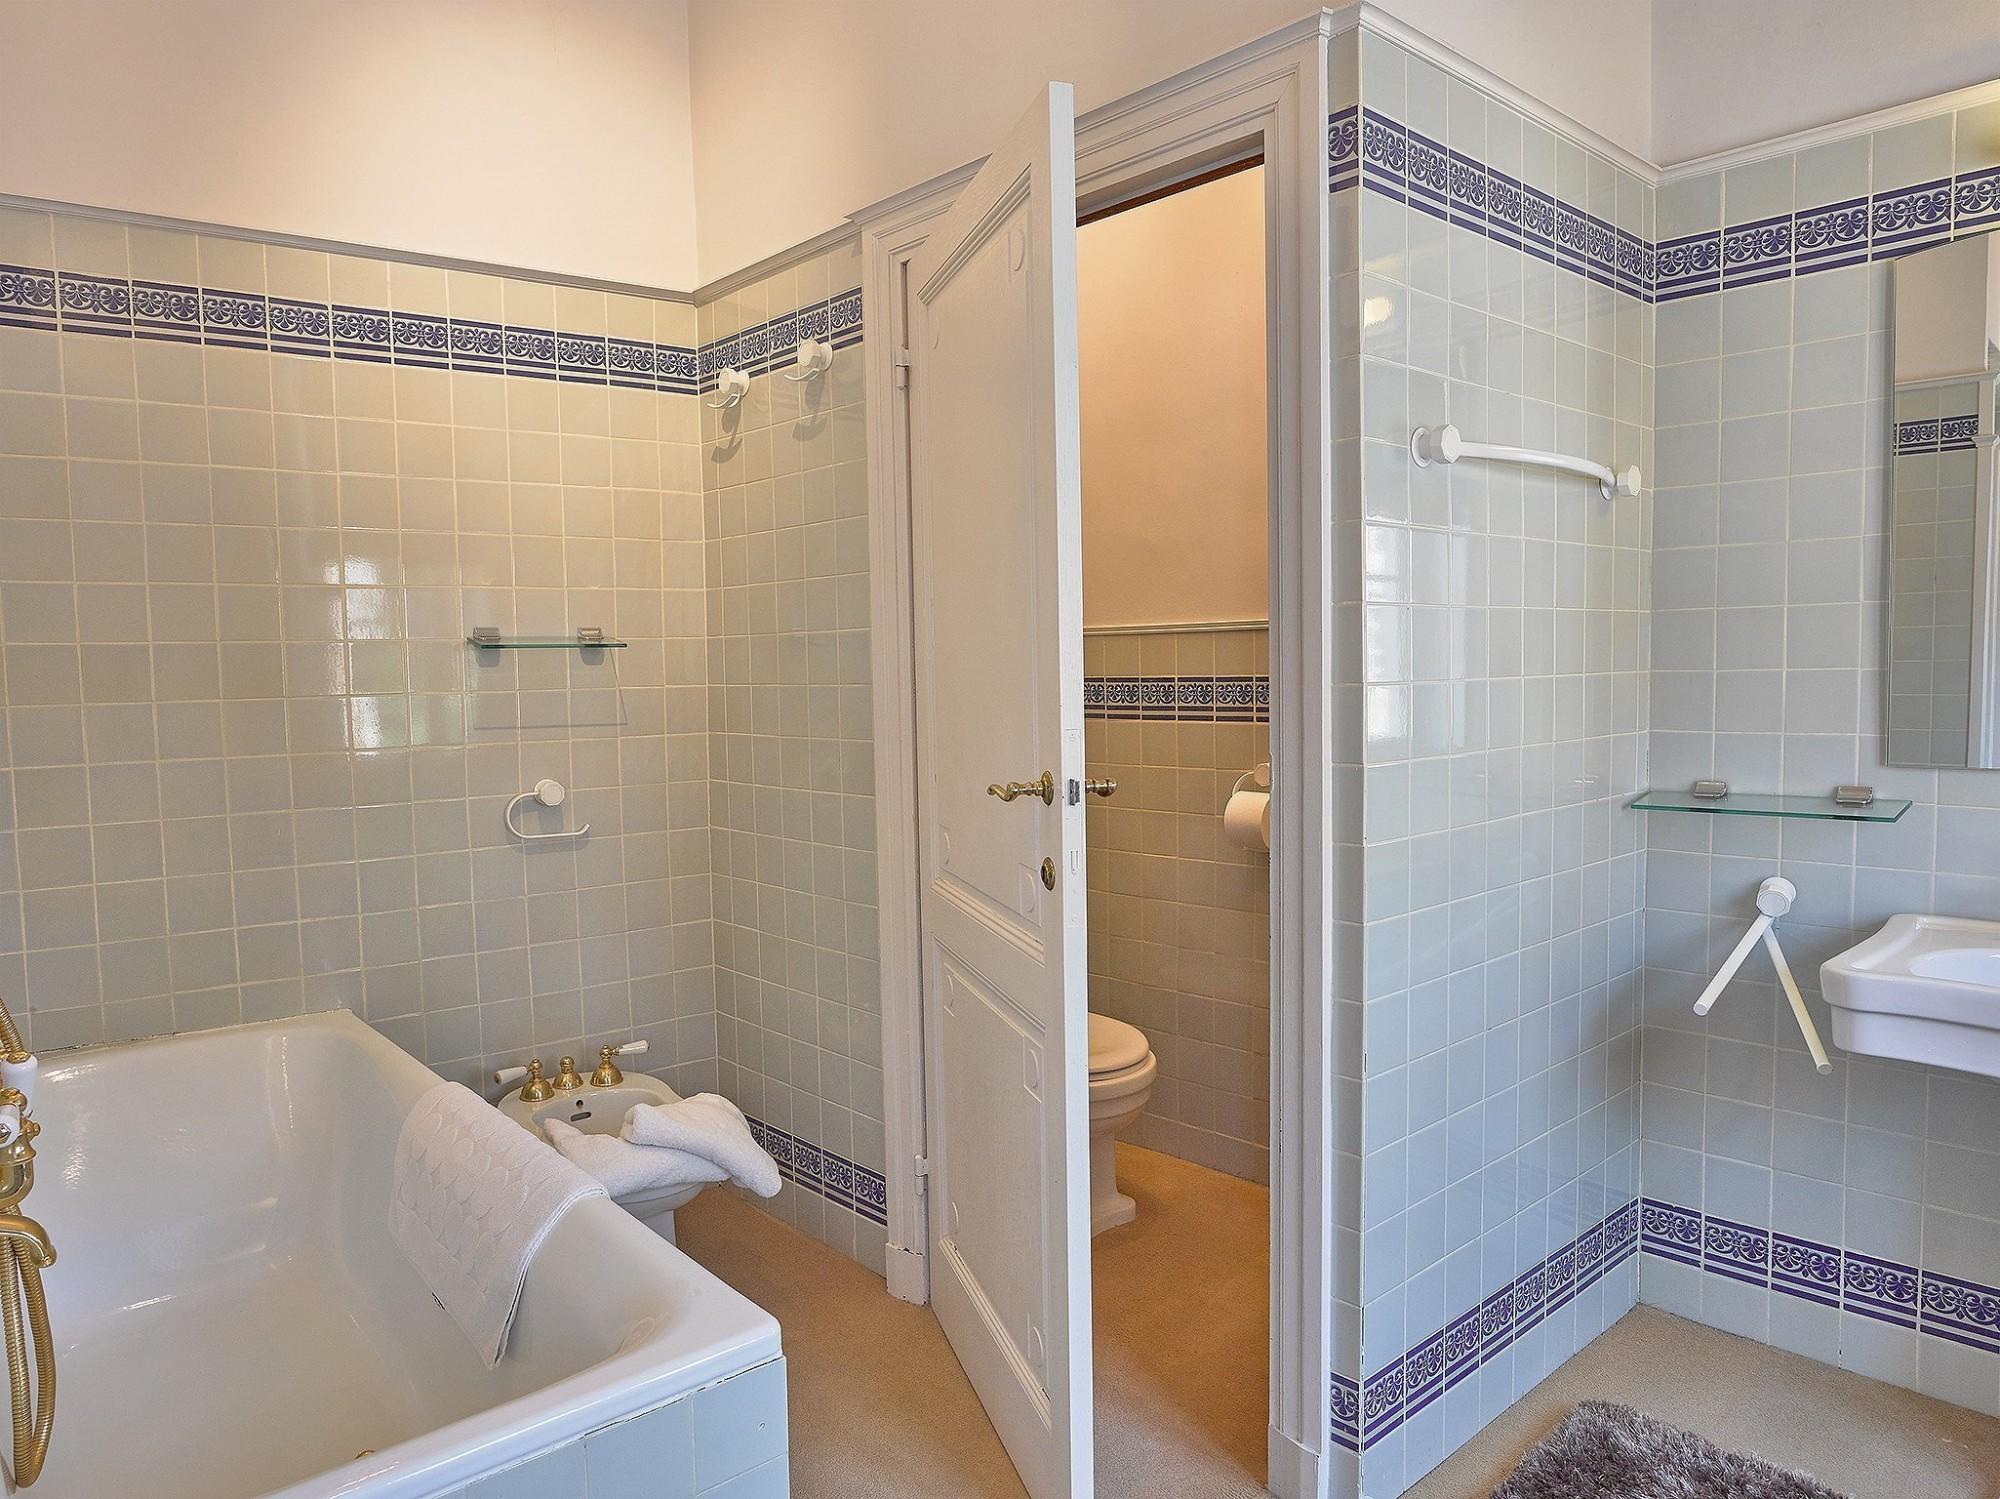 Afbeelding: Fotografie interieur badkamer voor vakantiewoning